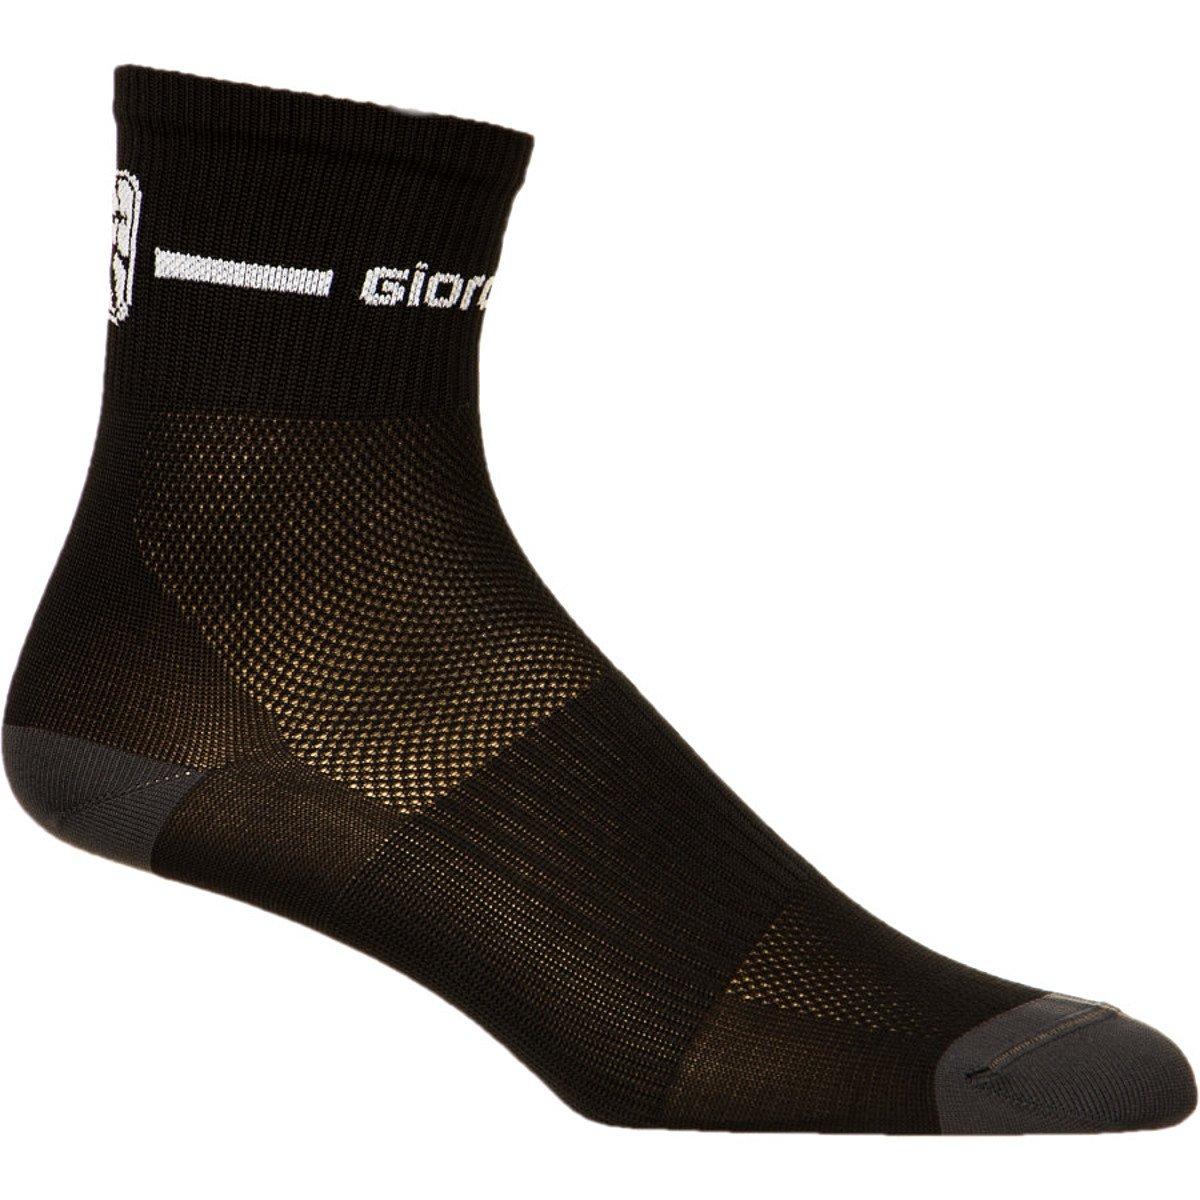 Giordana 2017 Trade Mid Cuff Cycling Socks – gi-s2-sock-midd B007A9SP74 Medium ブラック/ホワイト ブラック/ホワイト Medium